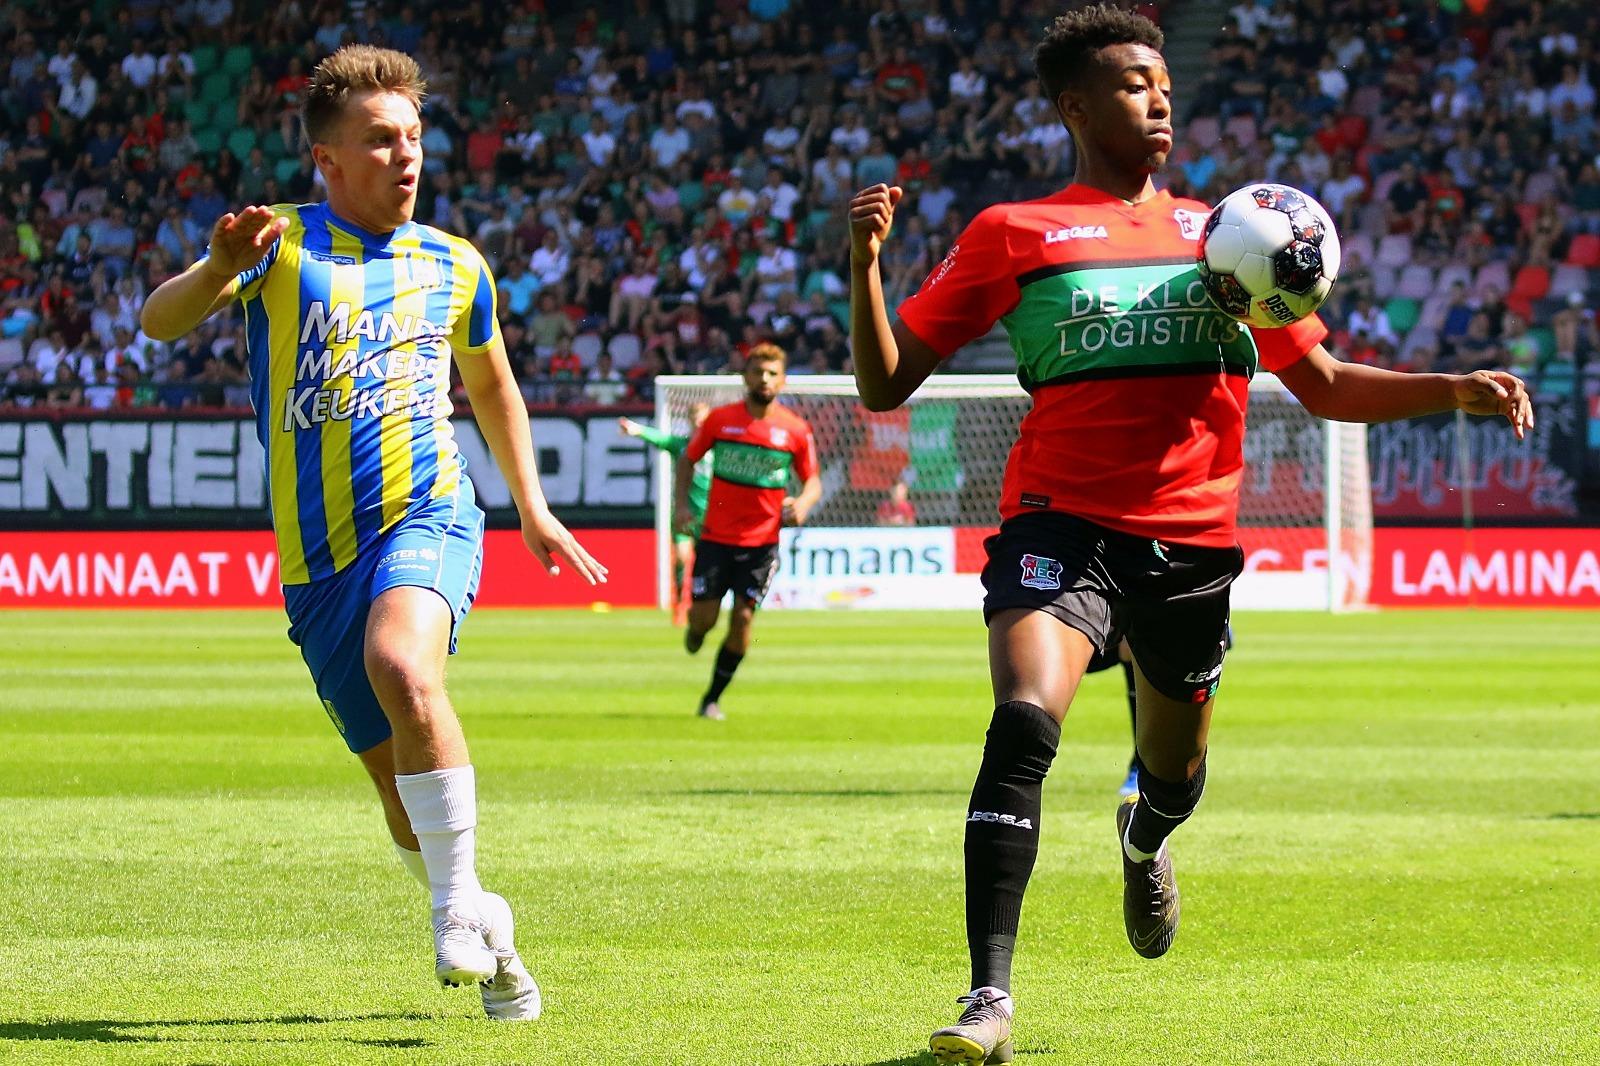 Voorbeschouwing: RKC eerste horde NEC op weg naar de Eredivisie